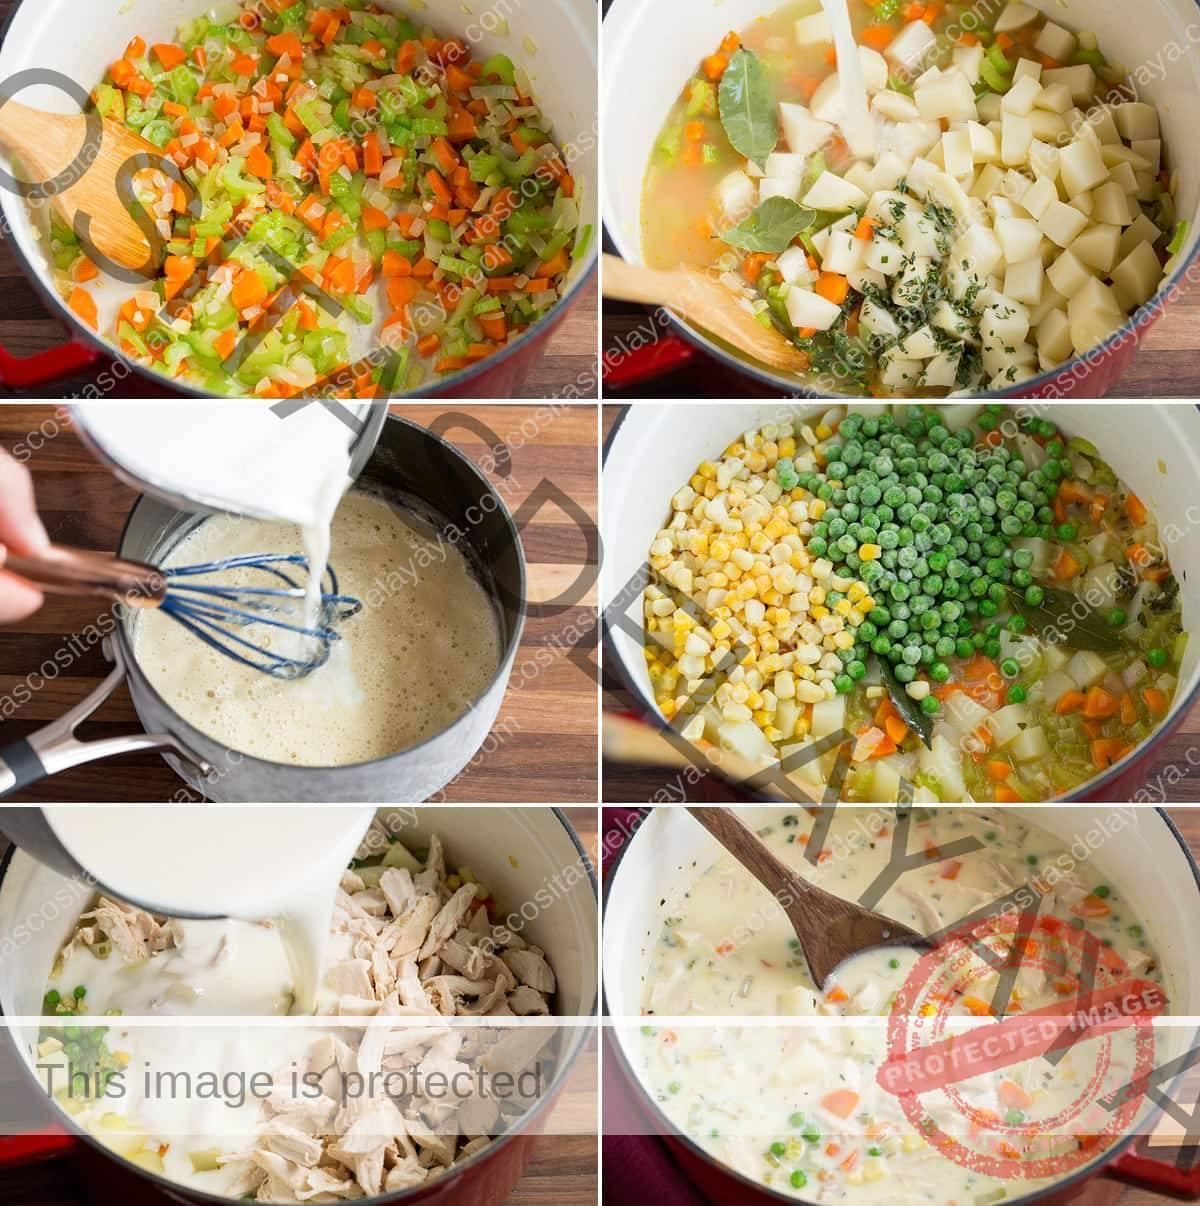 Imagen que muestra los pasos para hacer sopa de pastel de pollo en una sartén y también una salsa blanca en una sartén para agregar a la sopa.